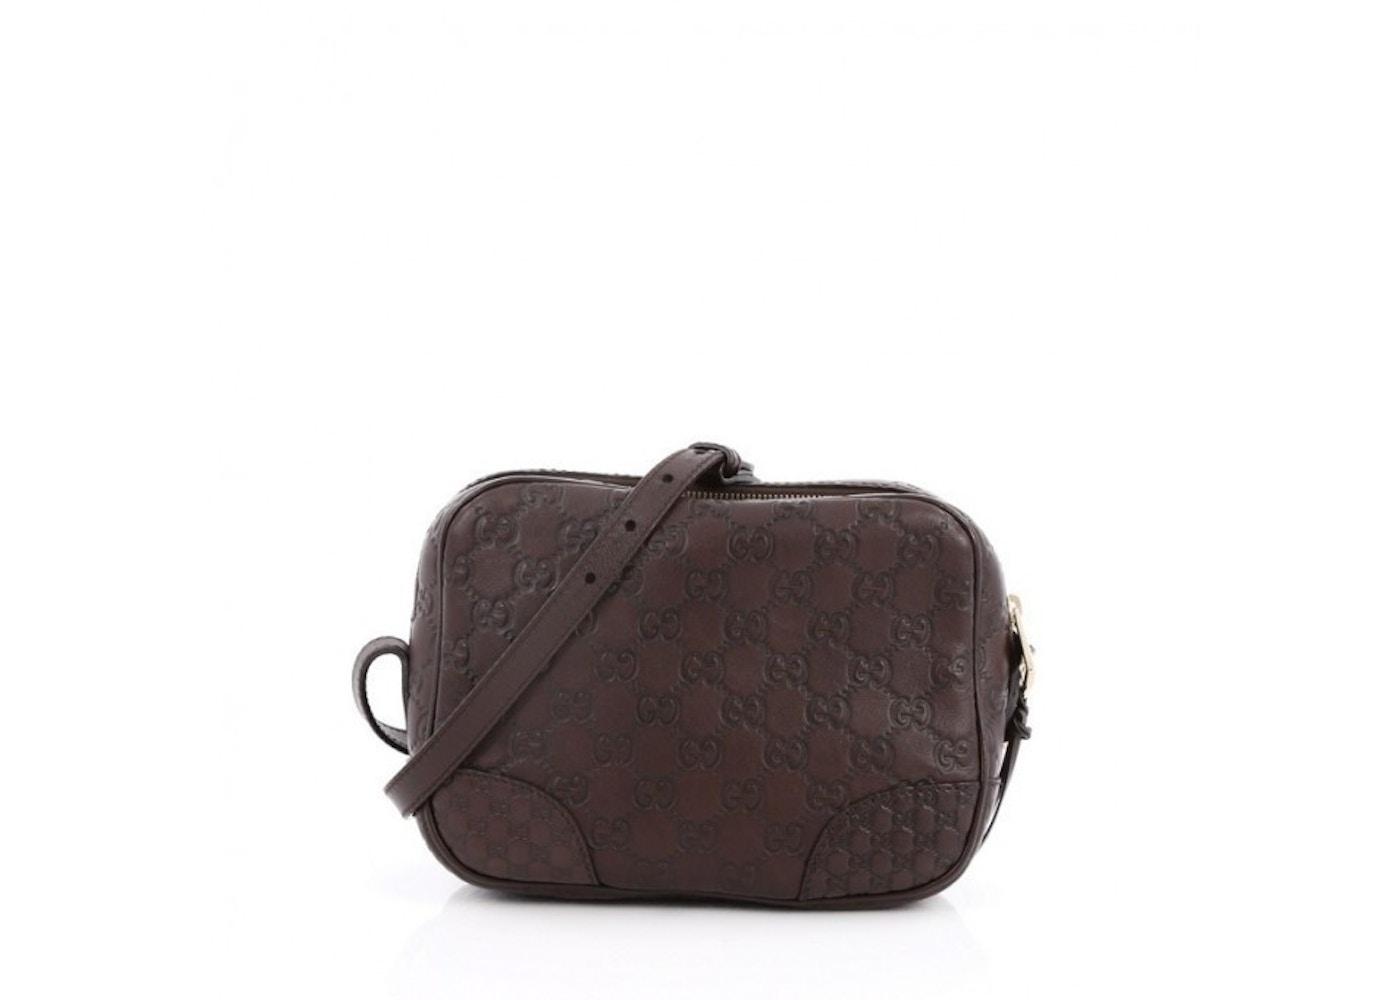 100% genuine factory Buy Authentic Gucci Bree Disco Crossbody Guccissima Mini Dark Brown